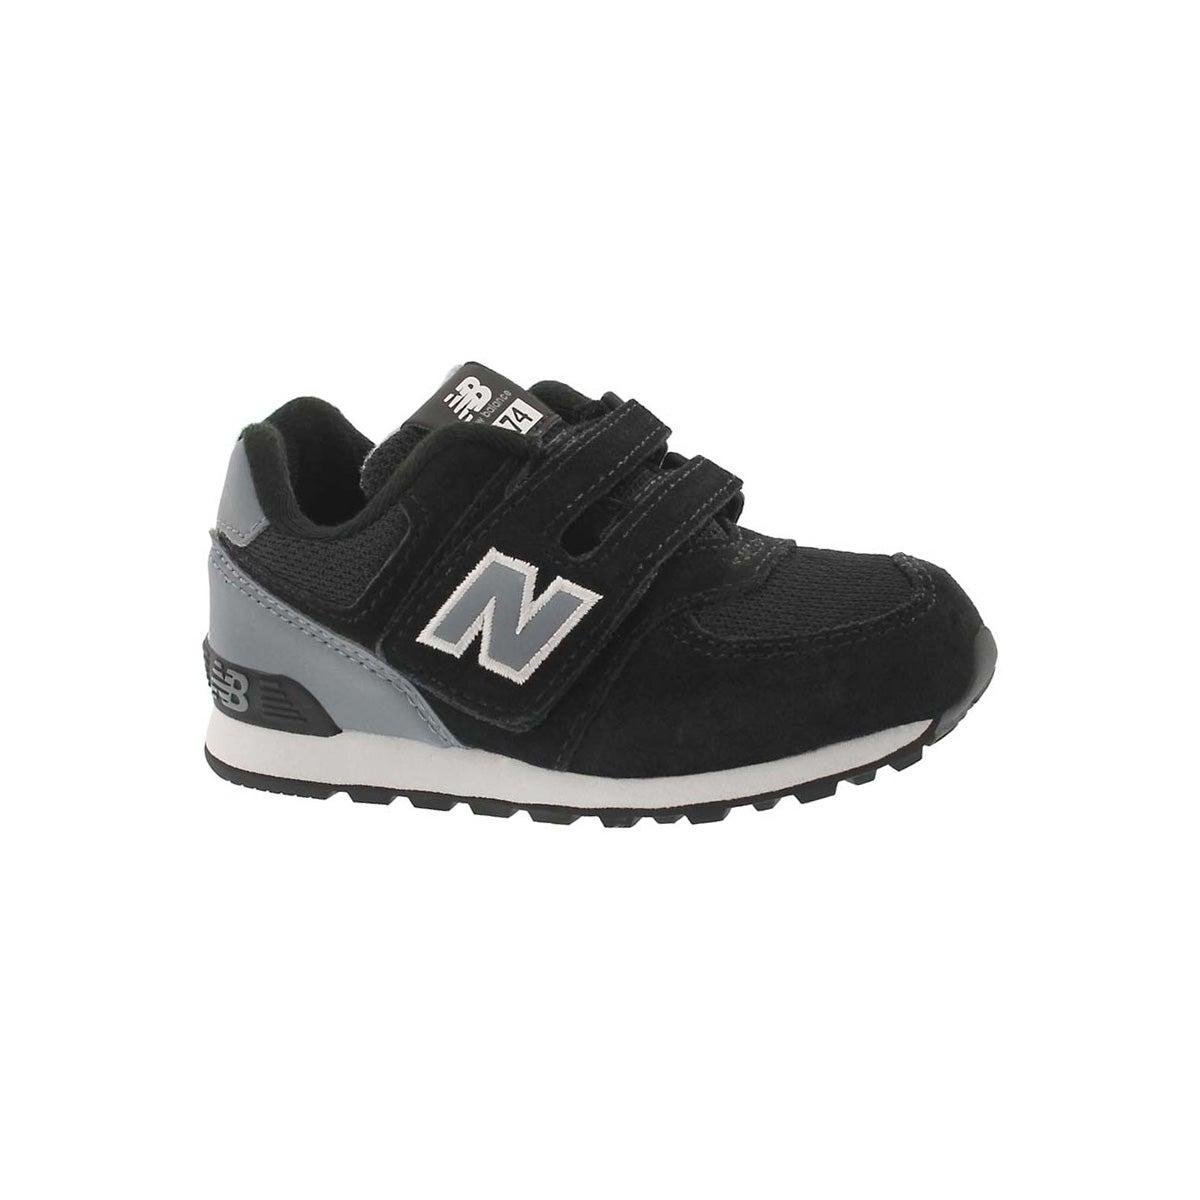 Infants' 574 black/grey sneakers